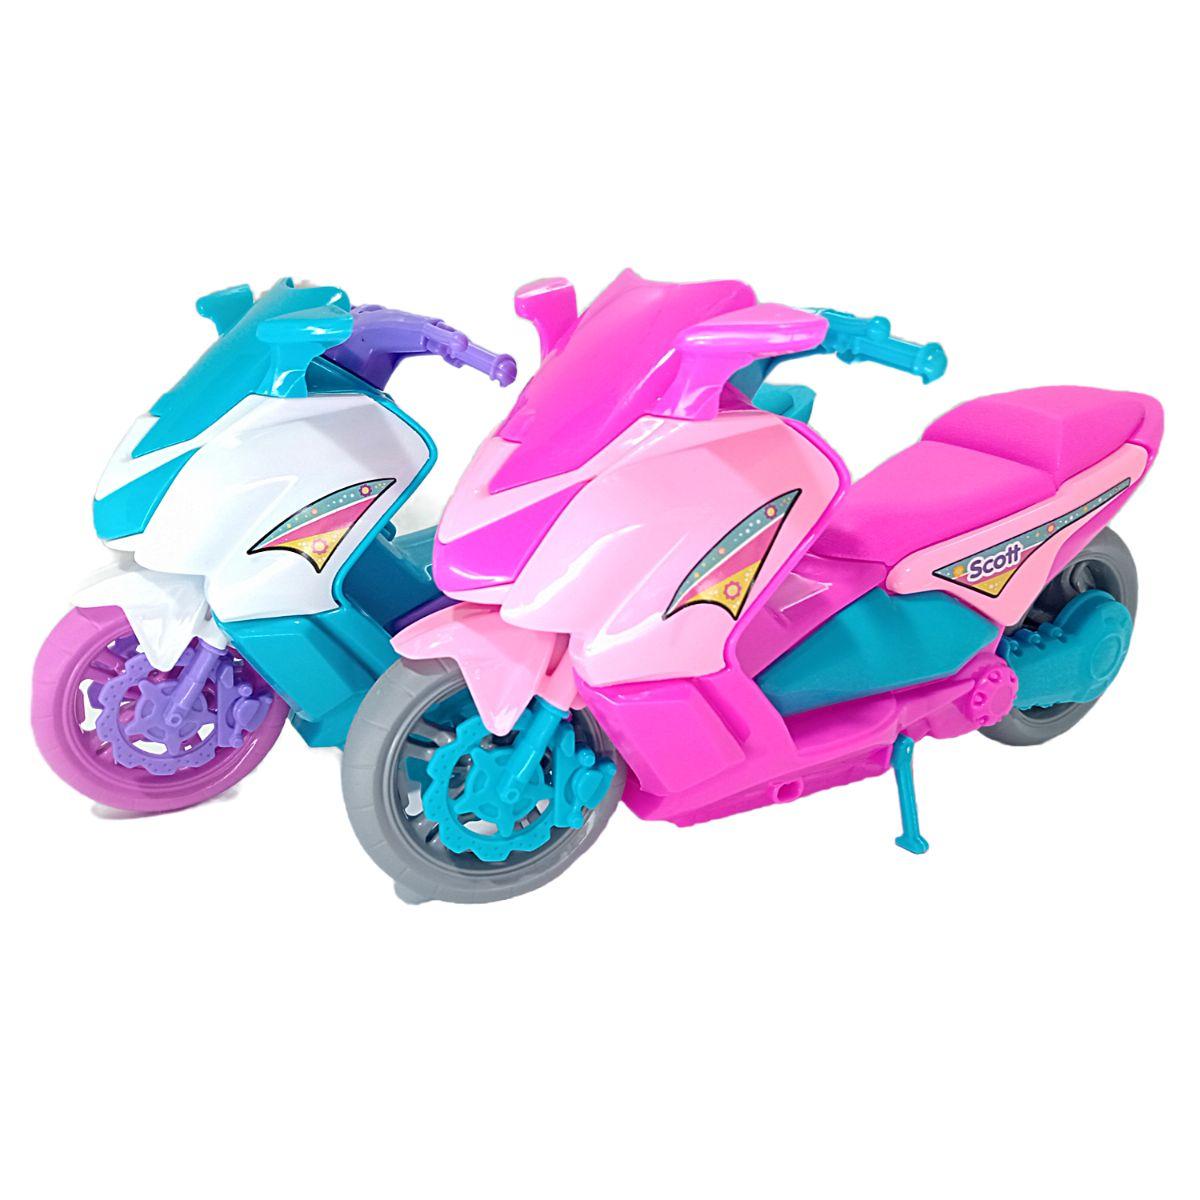 Moto de Brinquedo Scott Feminina Super Divertida Rosa e Azul